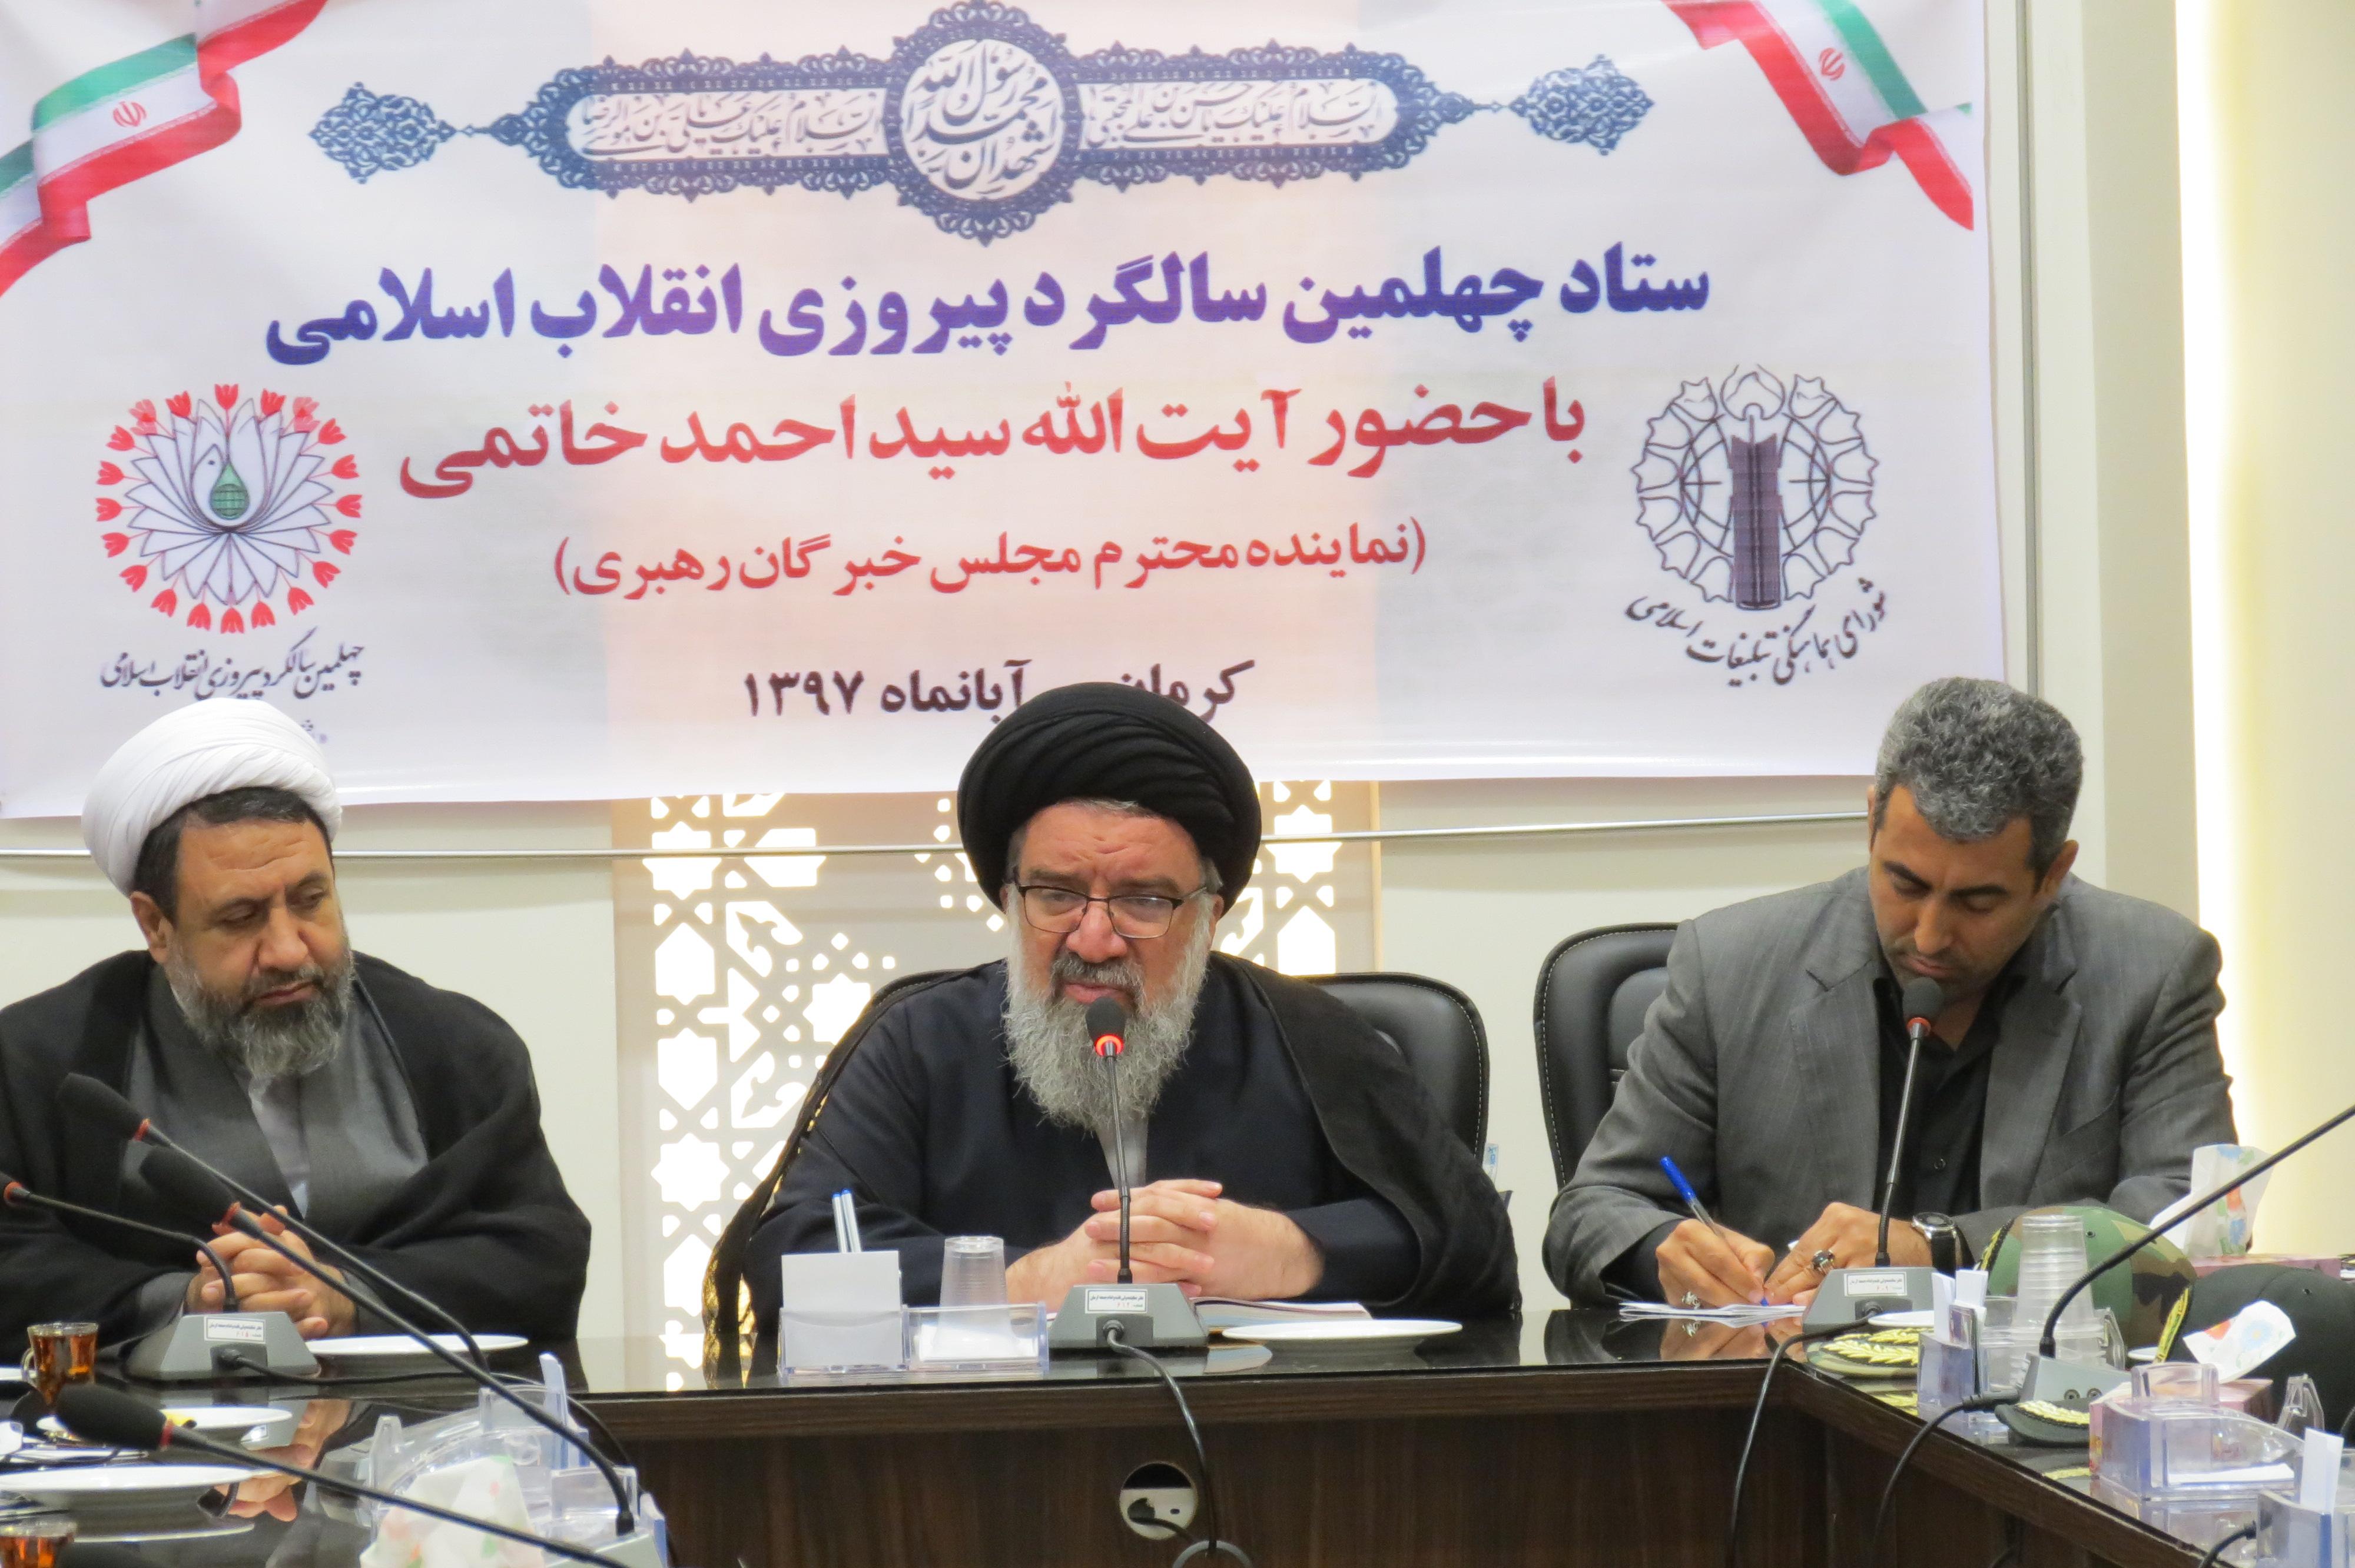 ستاد بزرگداشت چهلمین سالگرد پیروزی انقلاب اسلامی استان کرمان